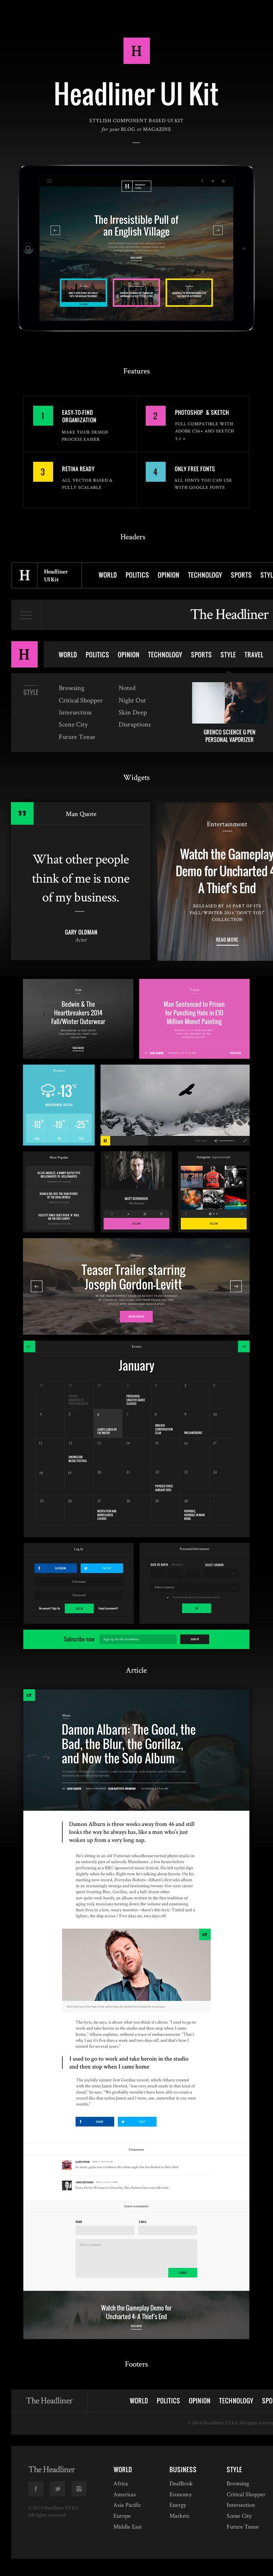 Headliner UI Kit - Web Elements - 3